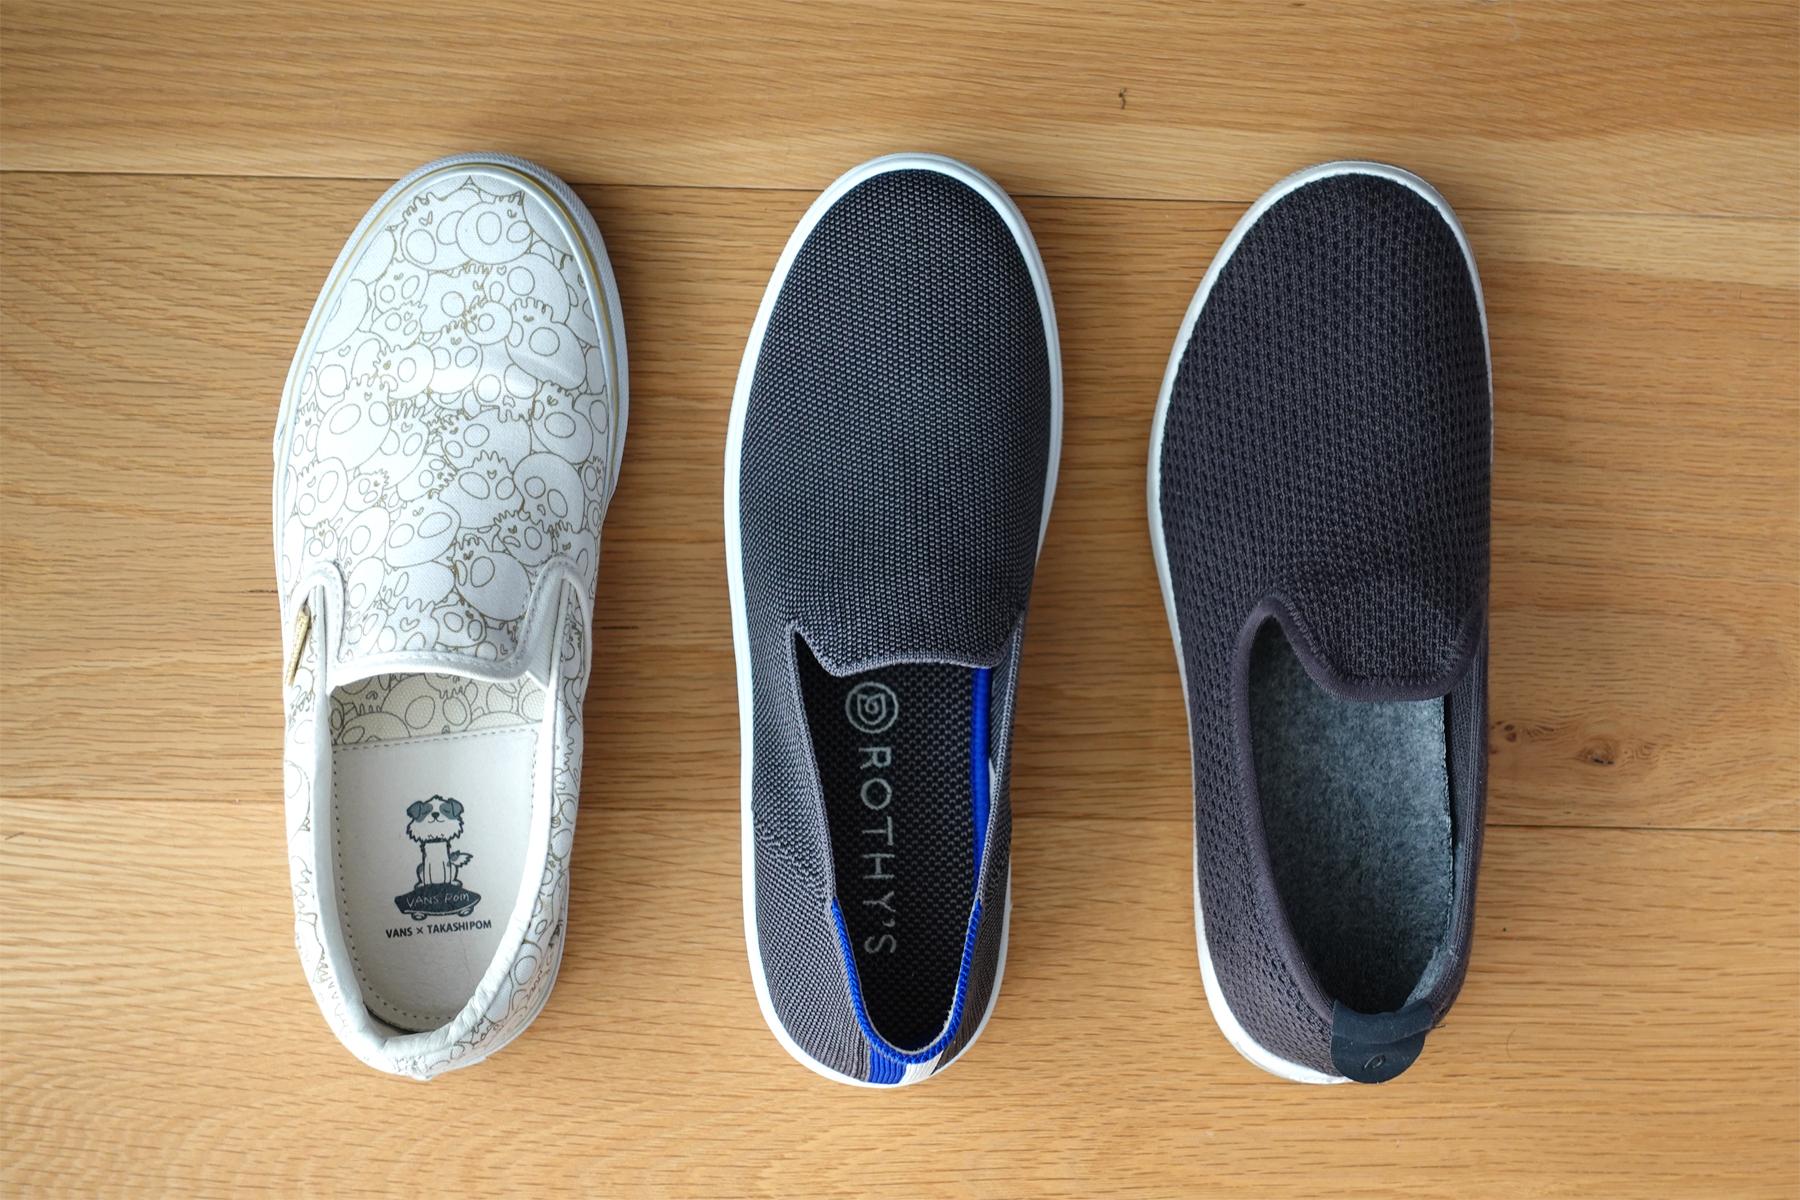 Sneaker vs Allbirds vs Vans